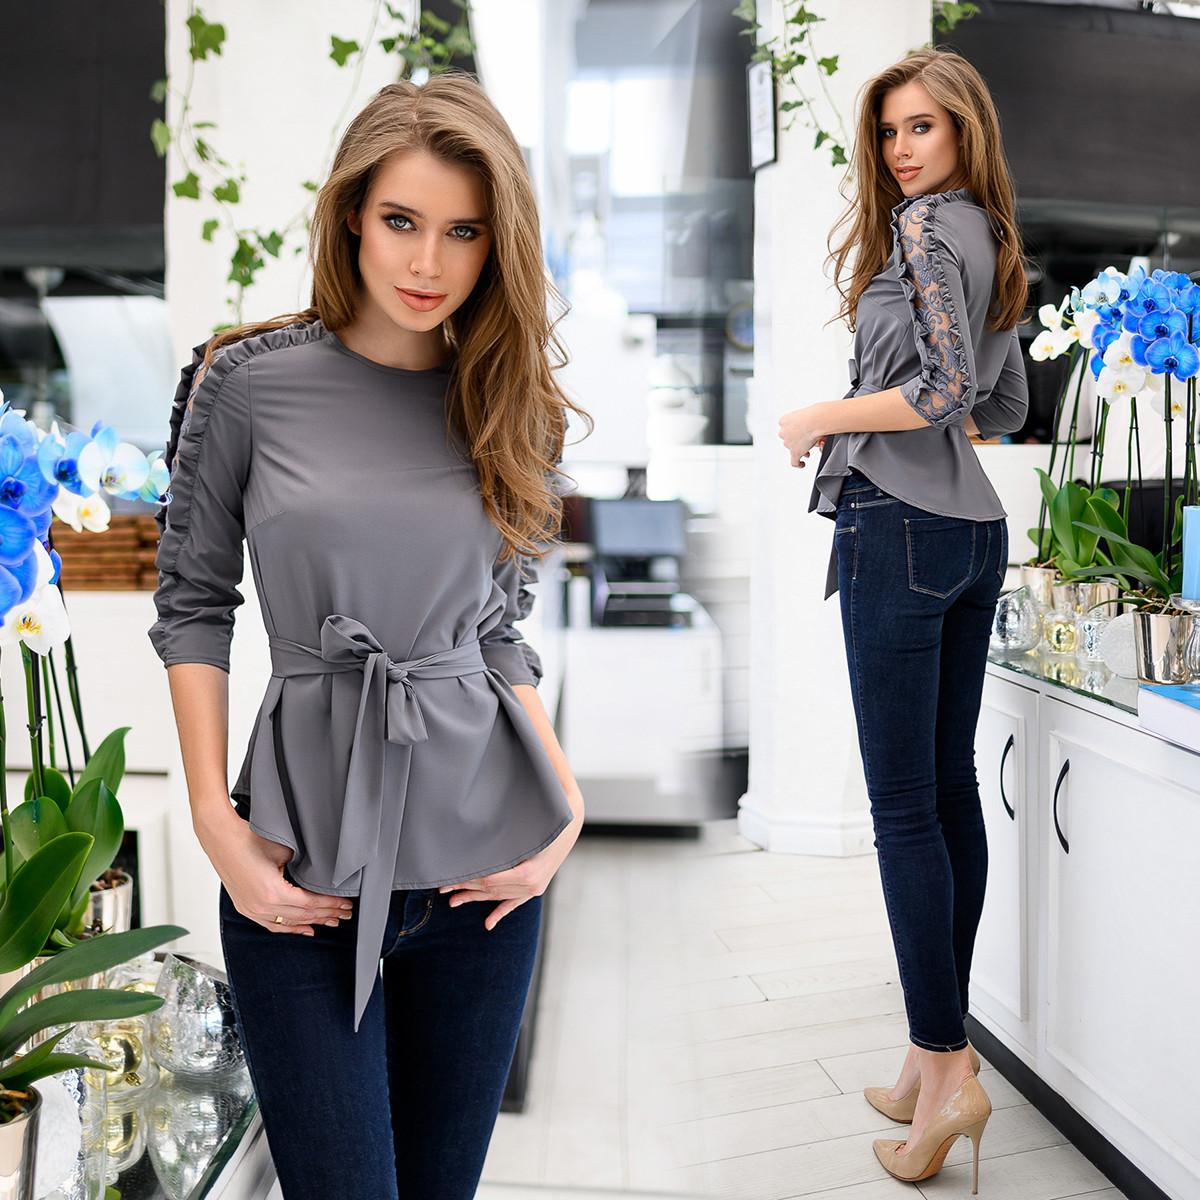 """Элегантная нарядная женская блузка до больших размеров 41232 """"Софт Рукава Рюши Кружево Вышивка"""" в расцветках"""